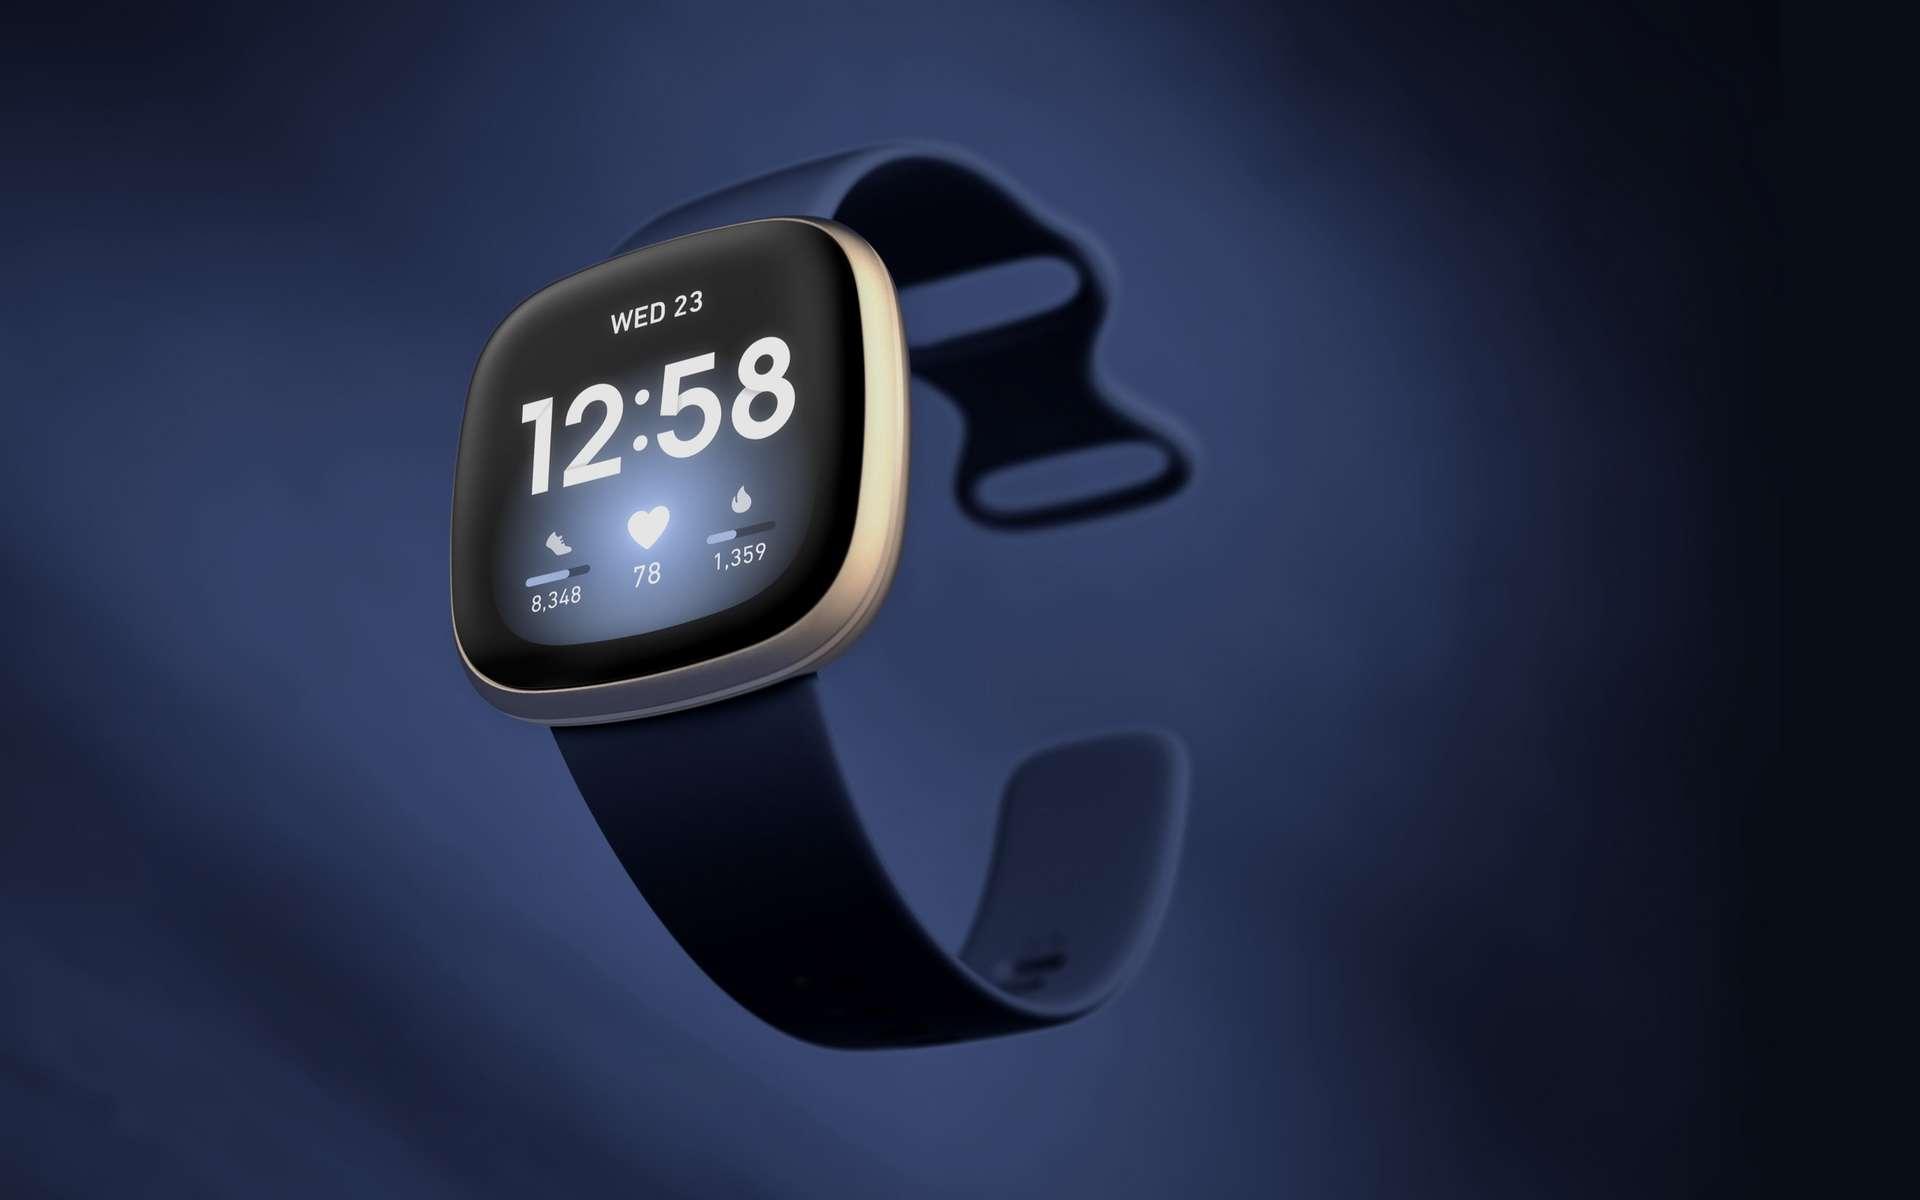 Pour environ 200 euros, cette Versa 3 est un très bon compromis entre le bracelet d'activité et une montre connectée plus évoluée. © Fitbit